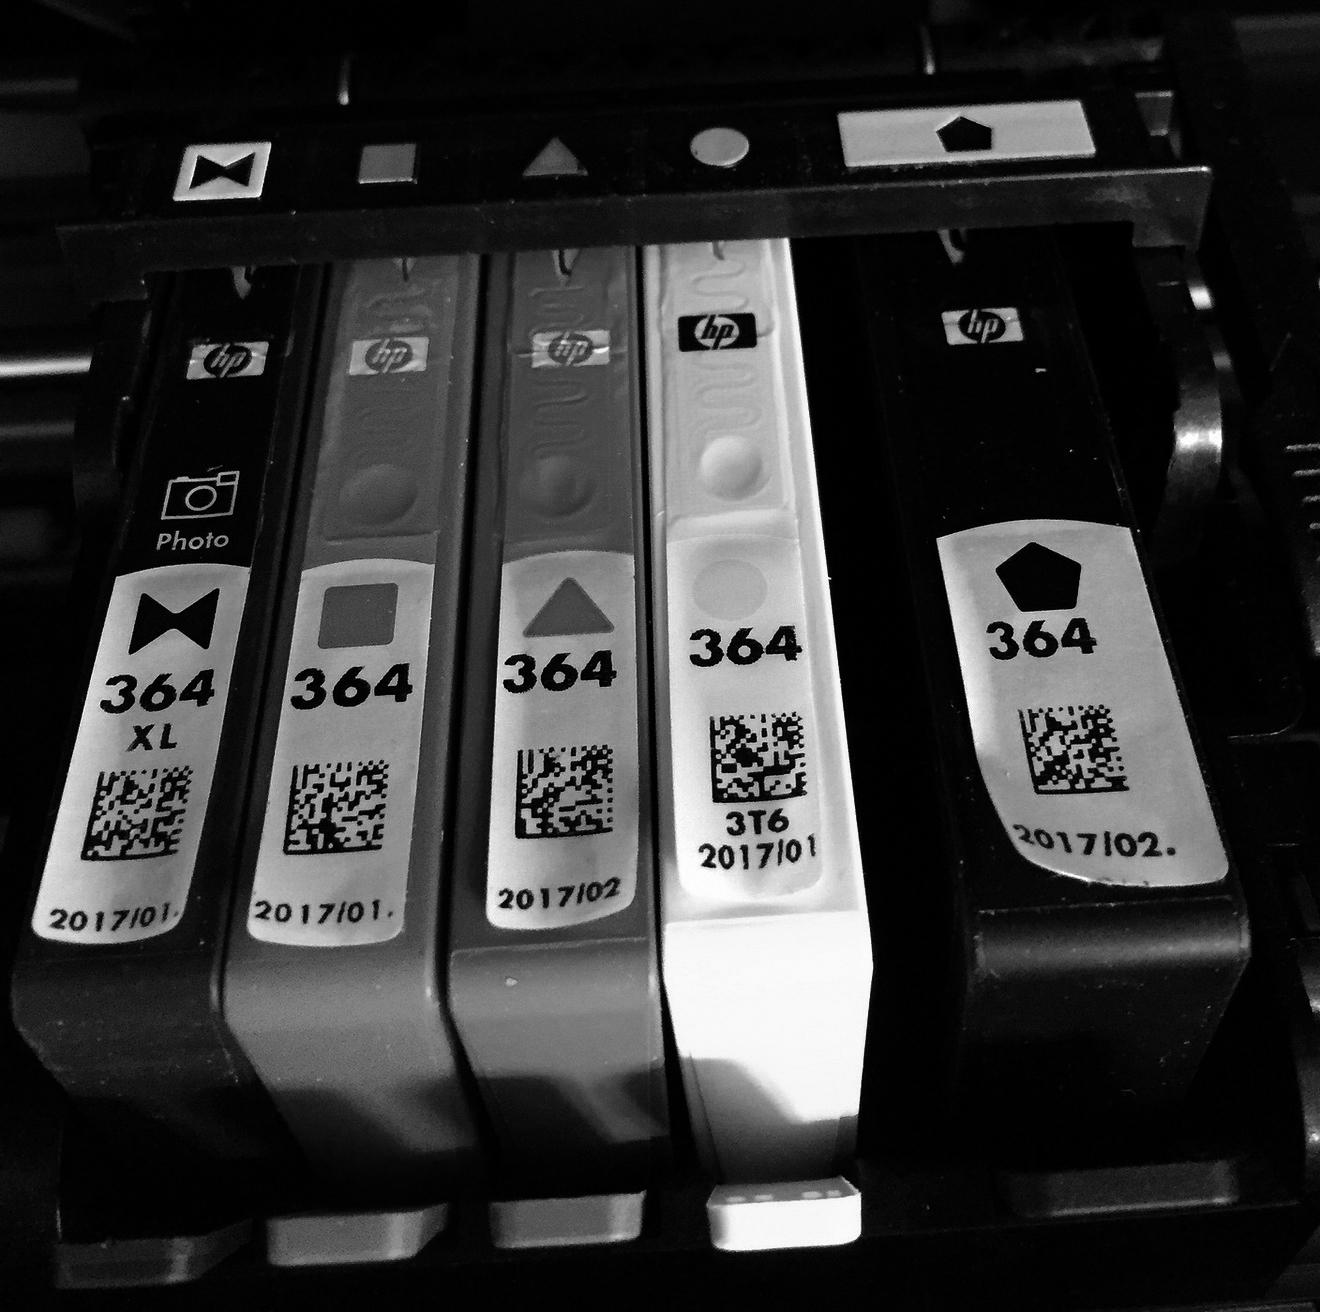 fotocopiadora multifuncional a4 tinta